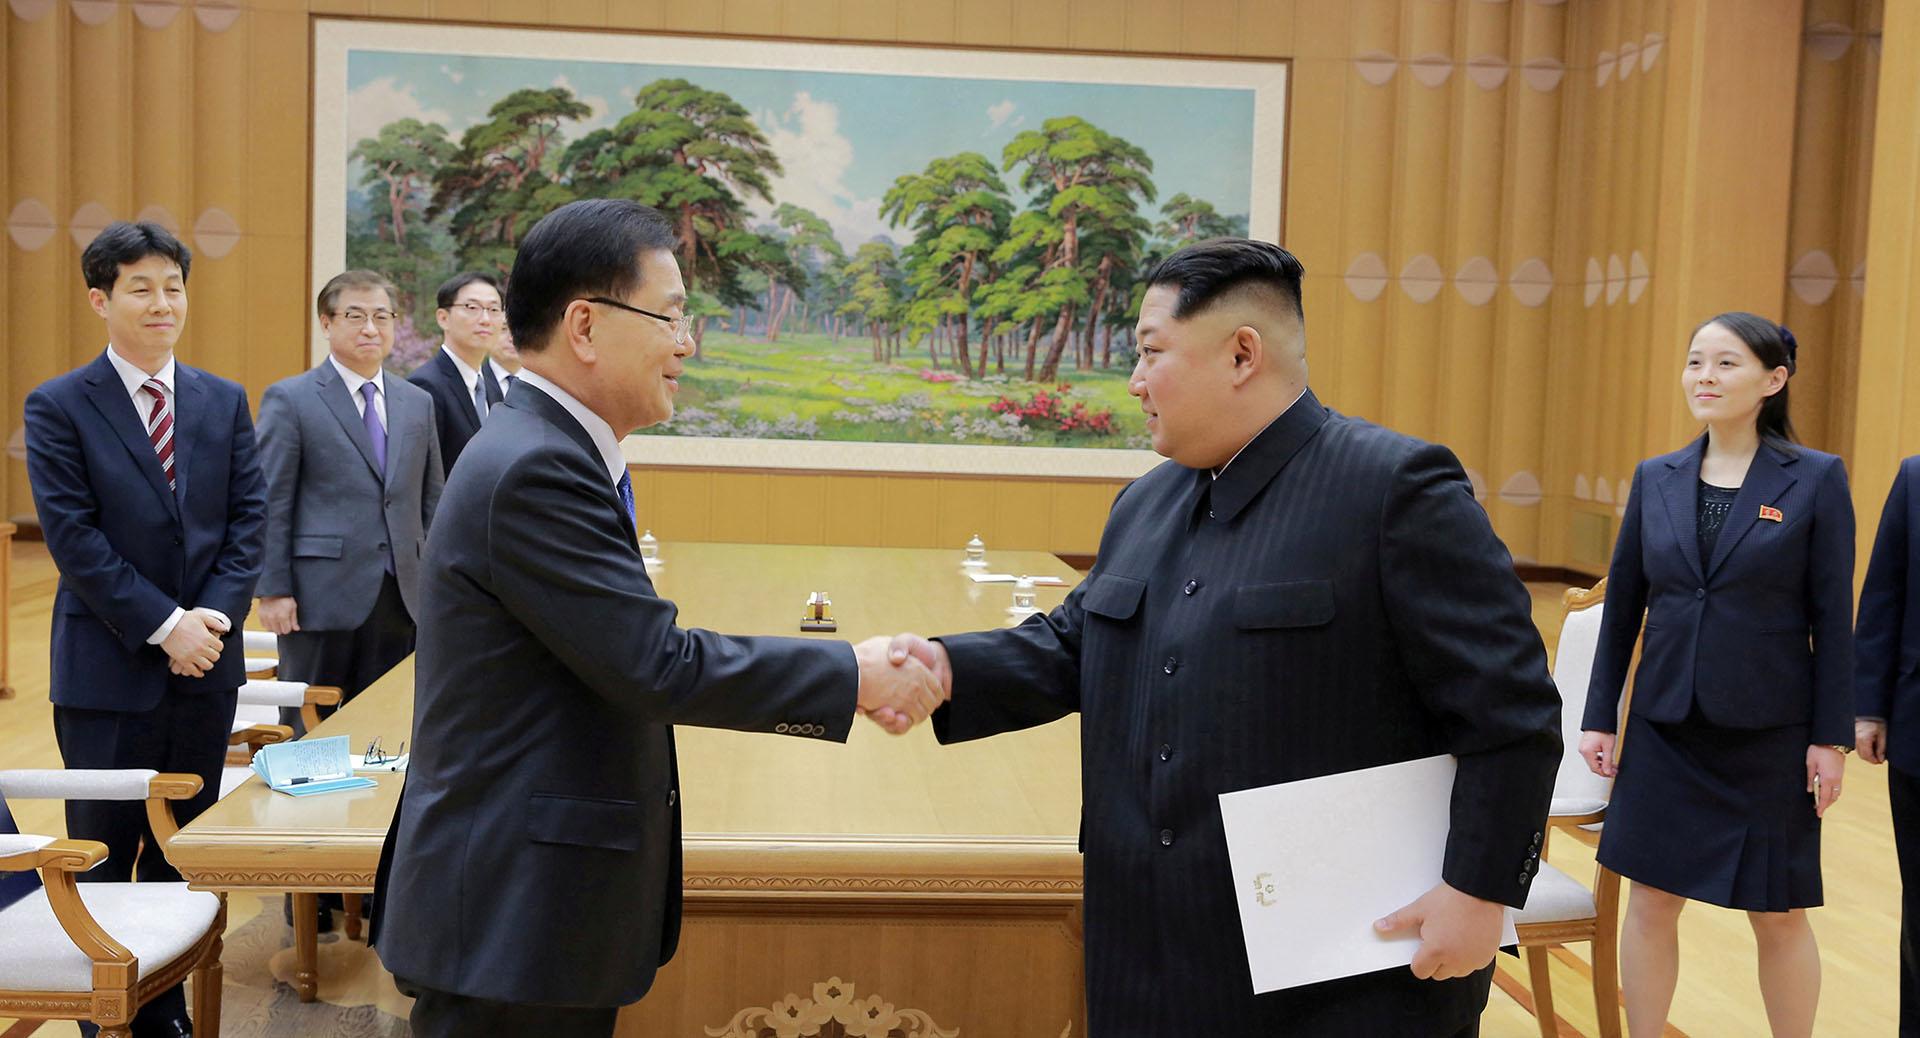 """A la espera de una conferencia de prensa por parte de los enviados, que regresaron este martes a Seúl, un portavoz de Corea del Sur aseguró que la visita """"no había decepcionado"""""""